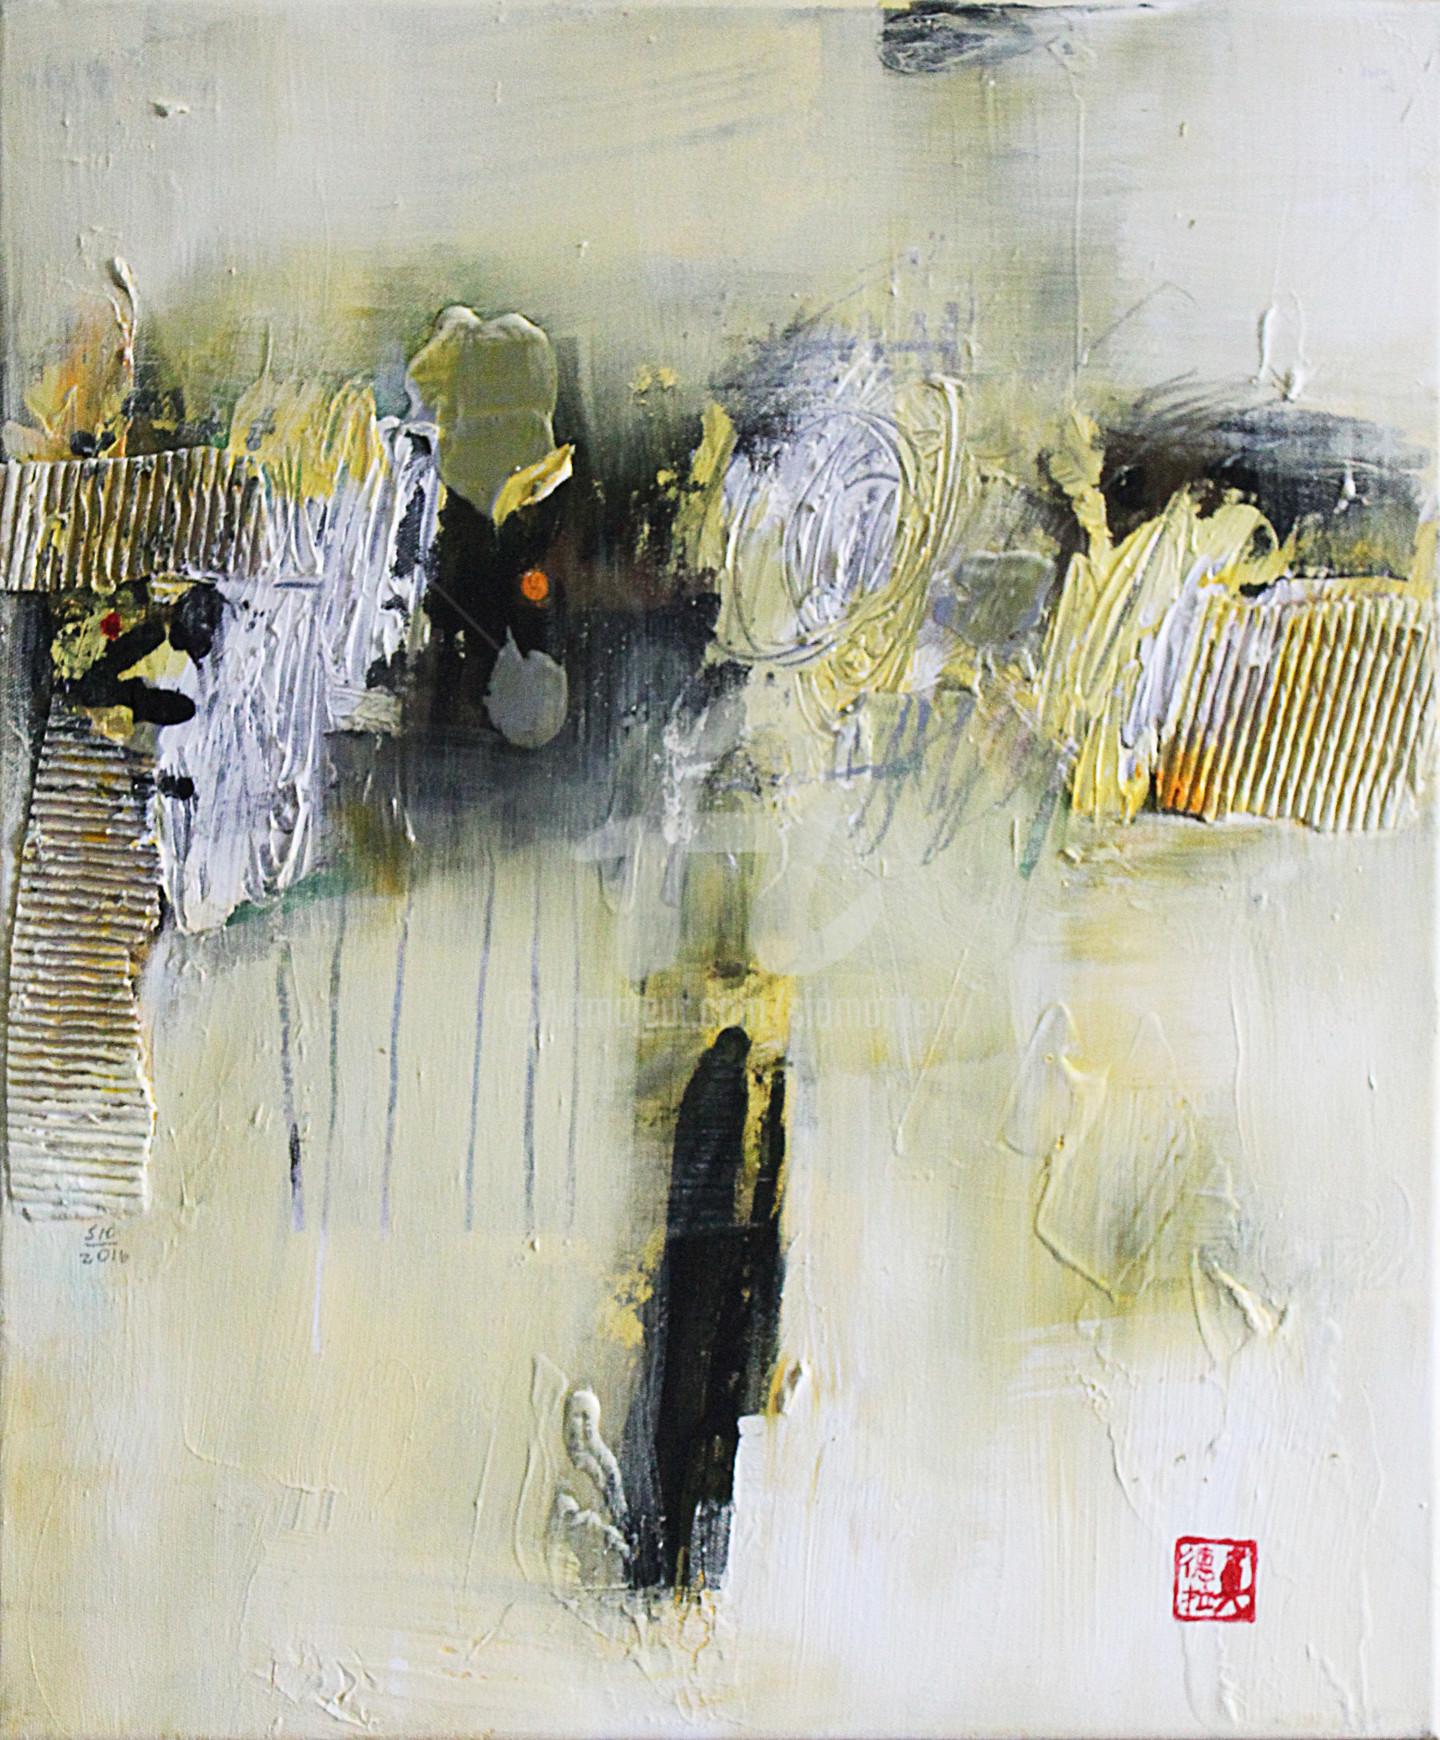 Sio Montera - Surface Illumination #3